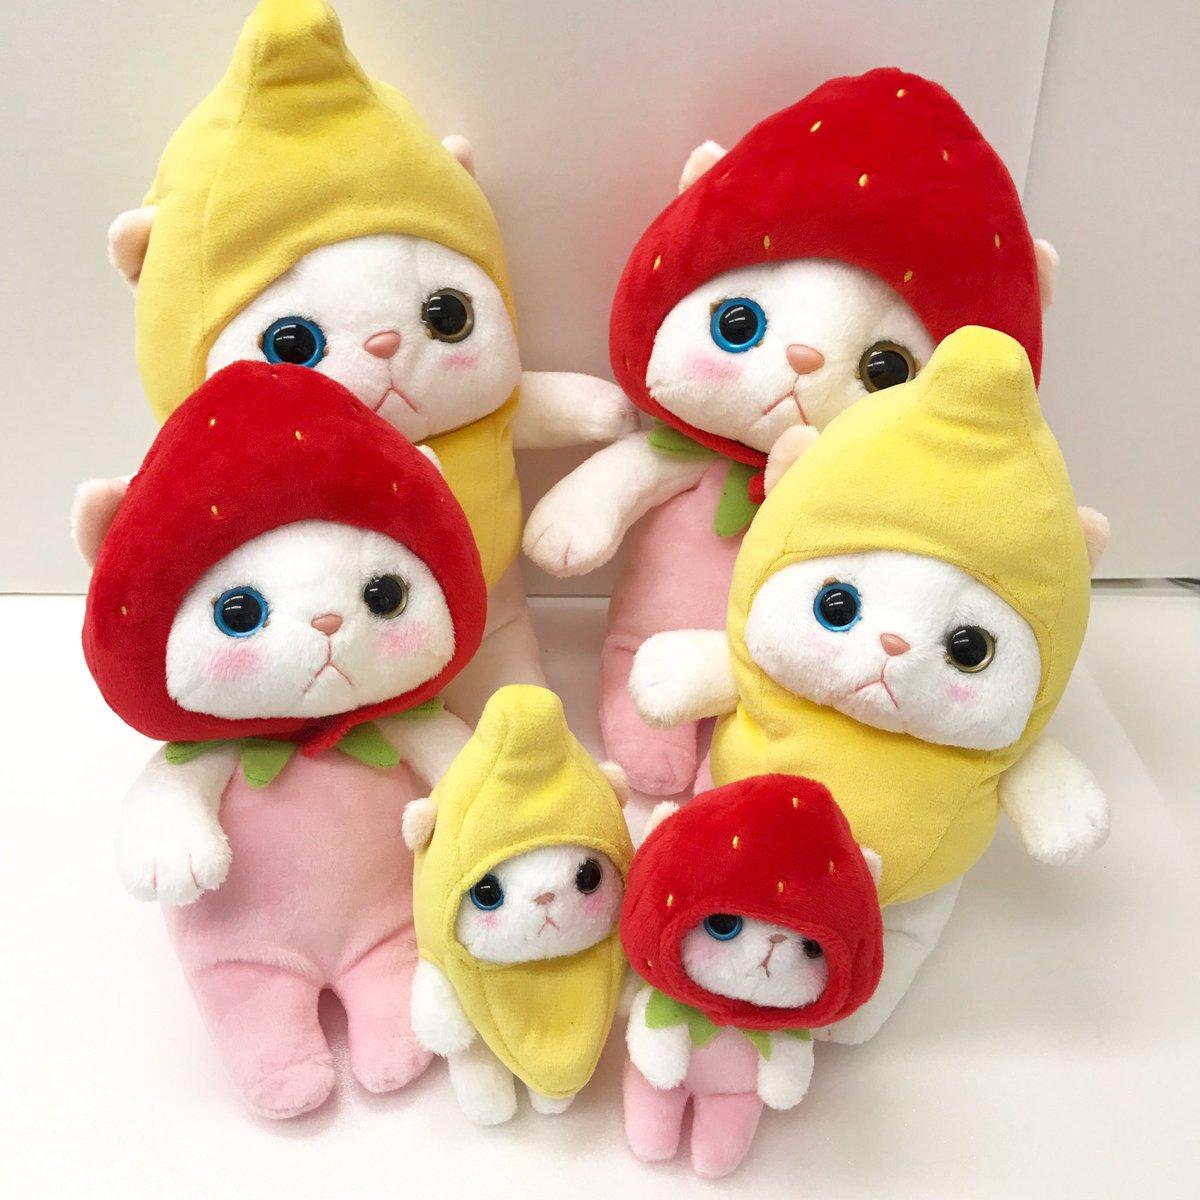 大反響につき、バナナ猫ぬいぐるみも試作をお見せしちゃいますね!どちらがお好きですか?#choochoo #JetoyJapan #cat #猫 #猫グッズ  #猫雑貨 #バナナ猫 #いちご猫 ...